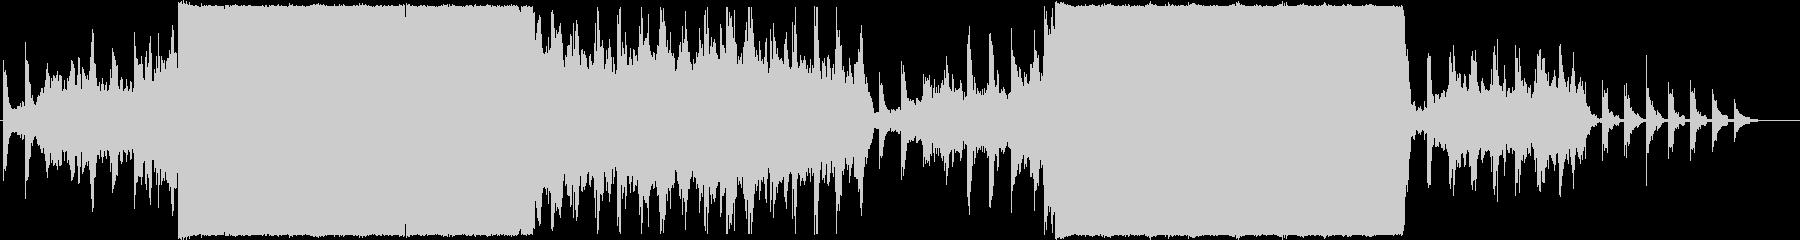 荒ぶる幻想的なピアノアンビエントロックの未再生の波形